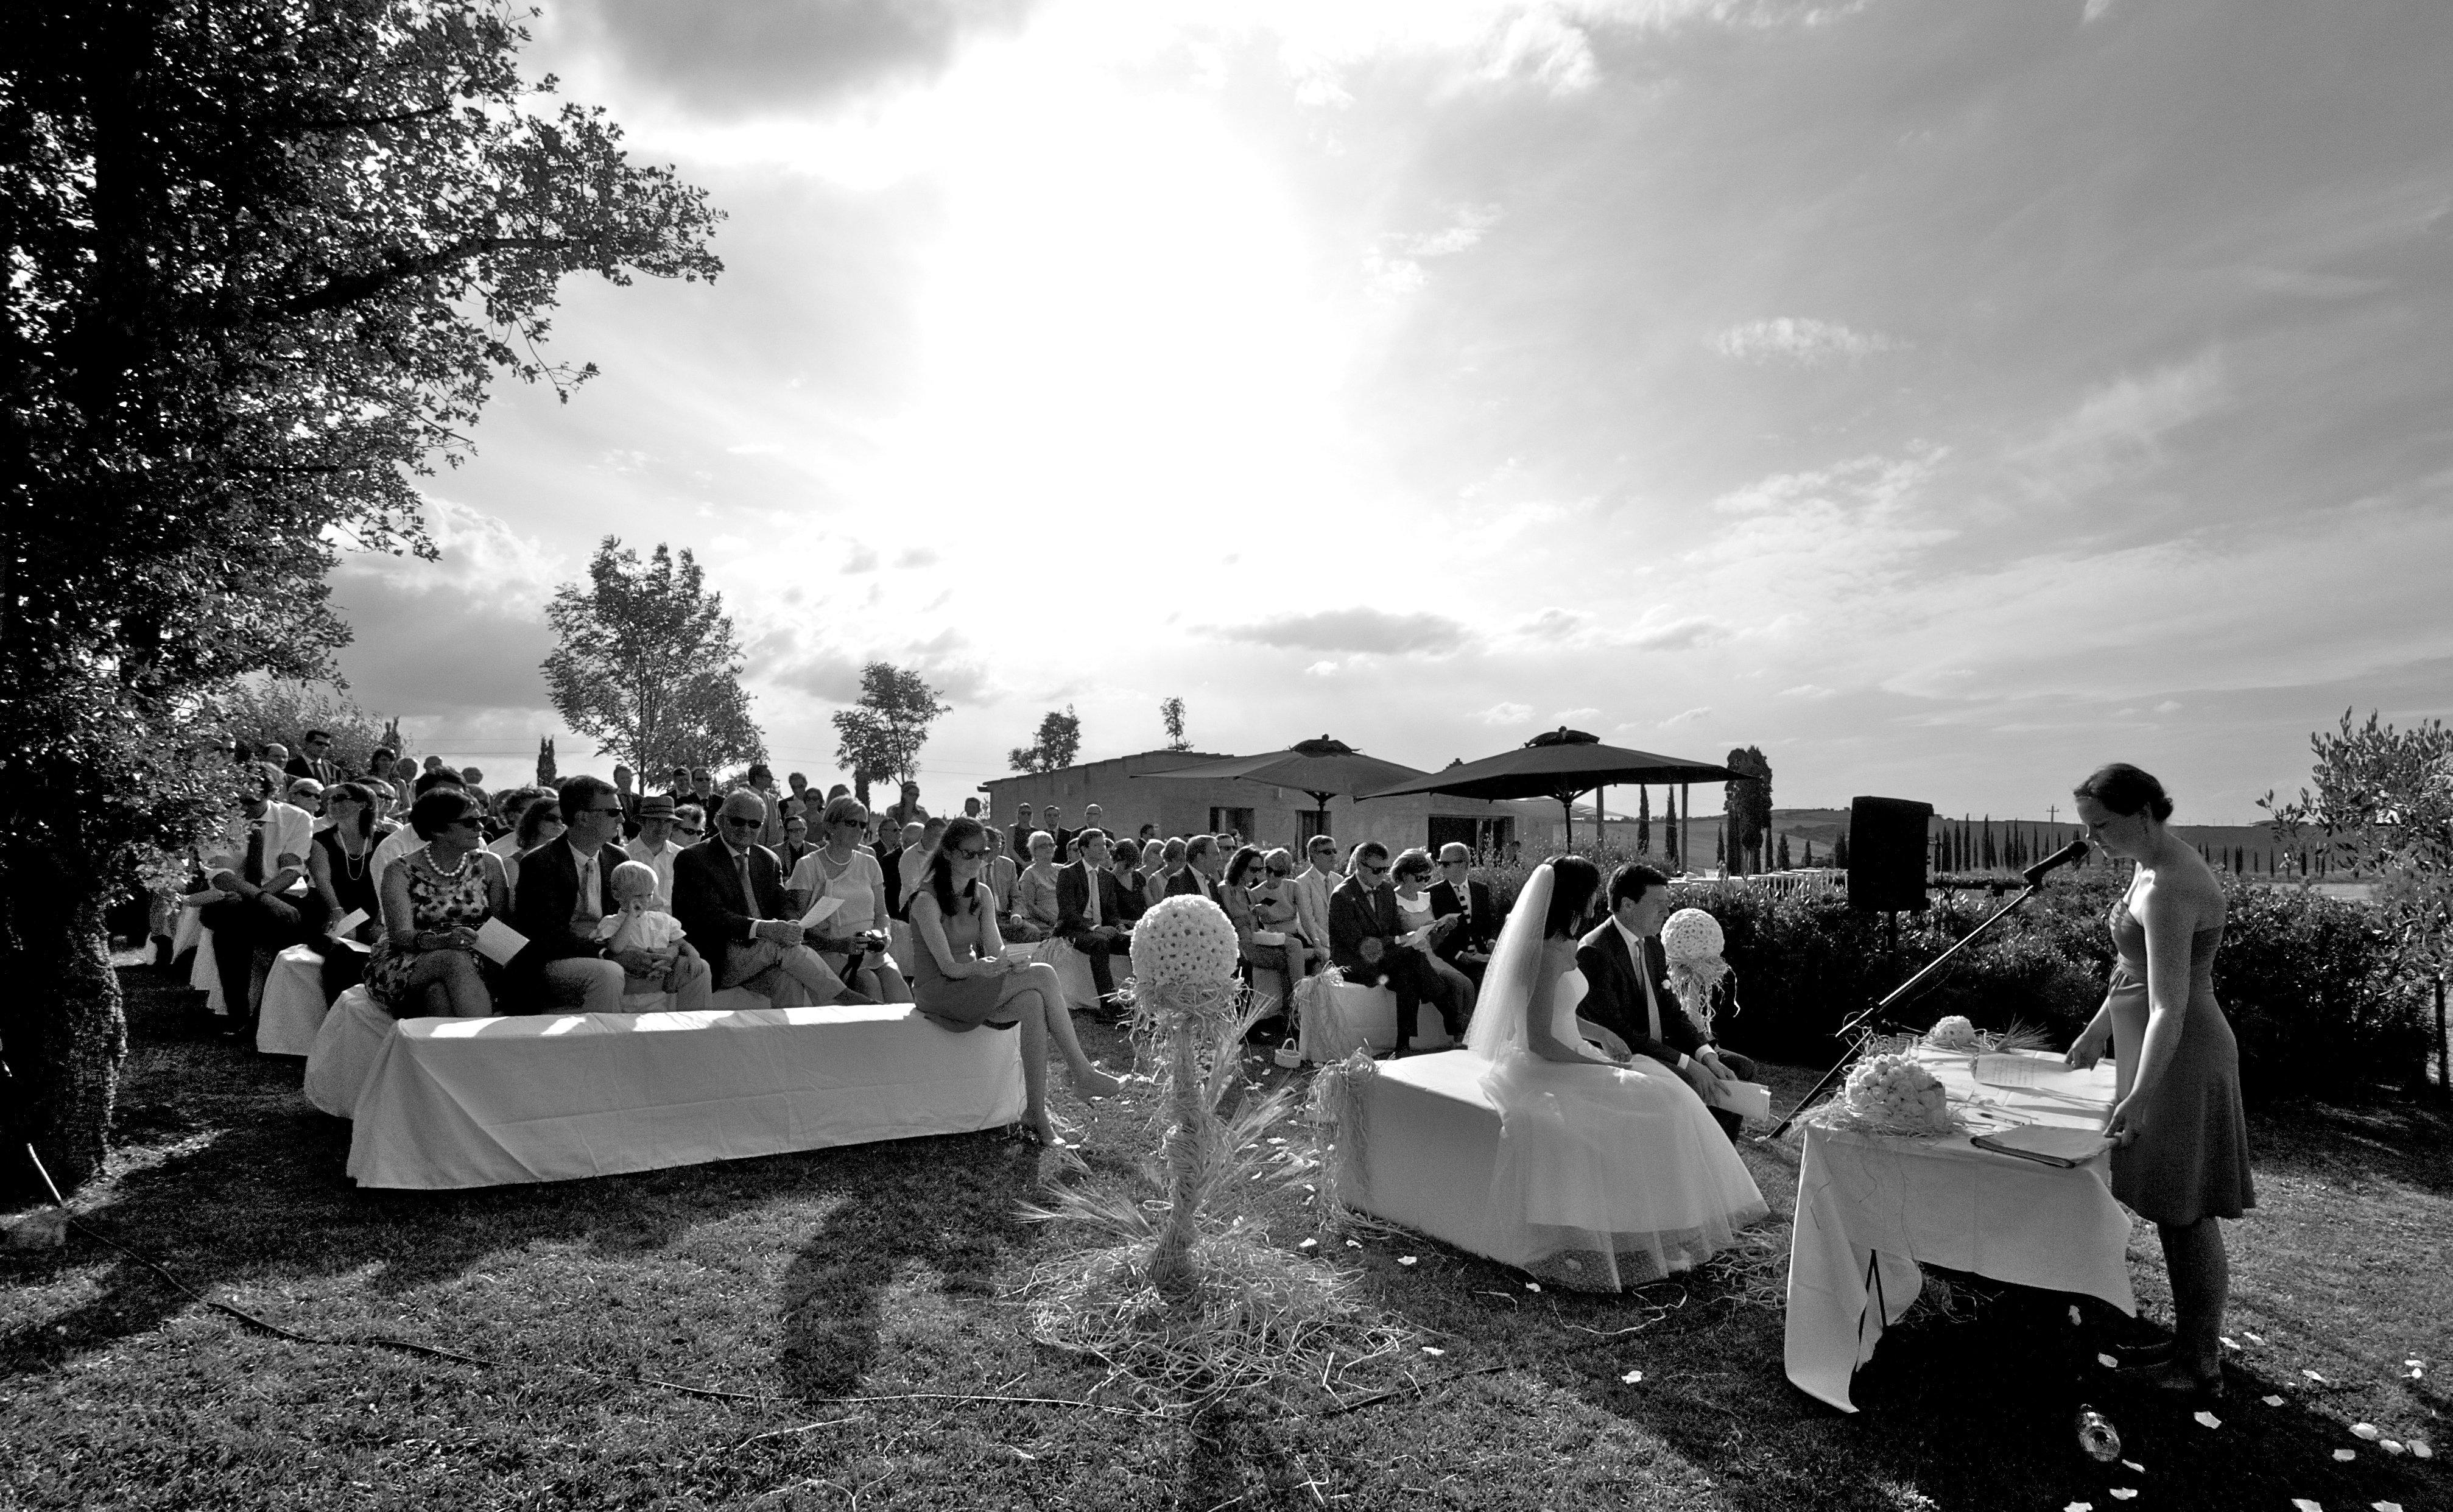 cerimonia nuziale in giardino in bianco e nero